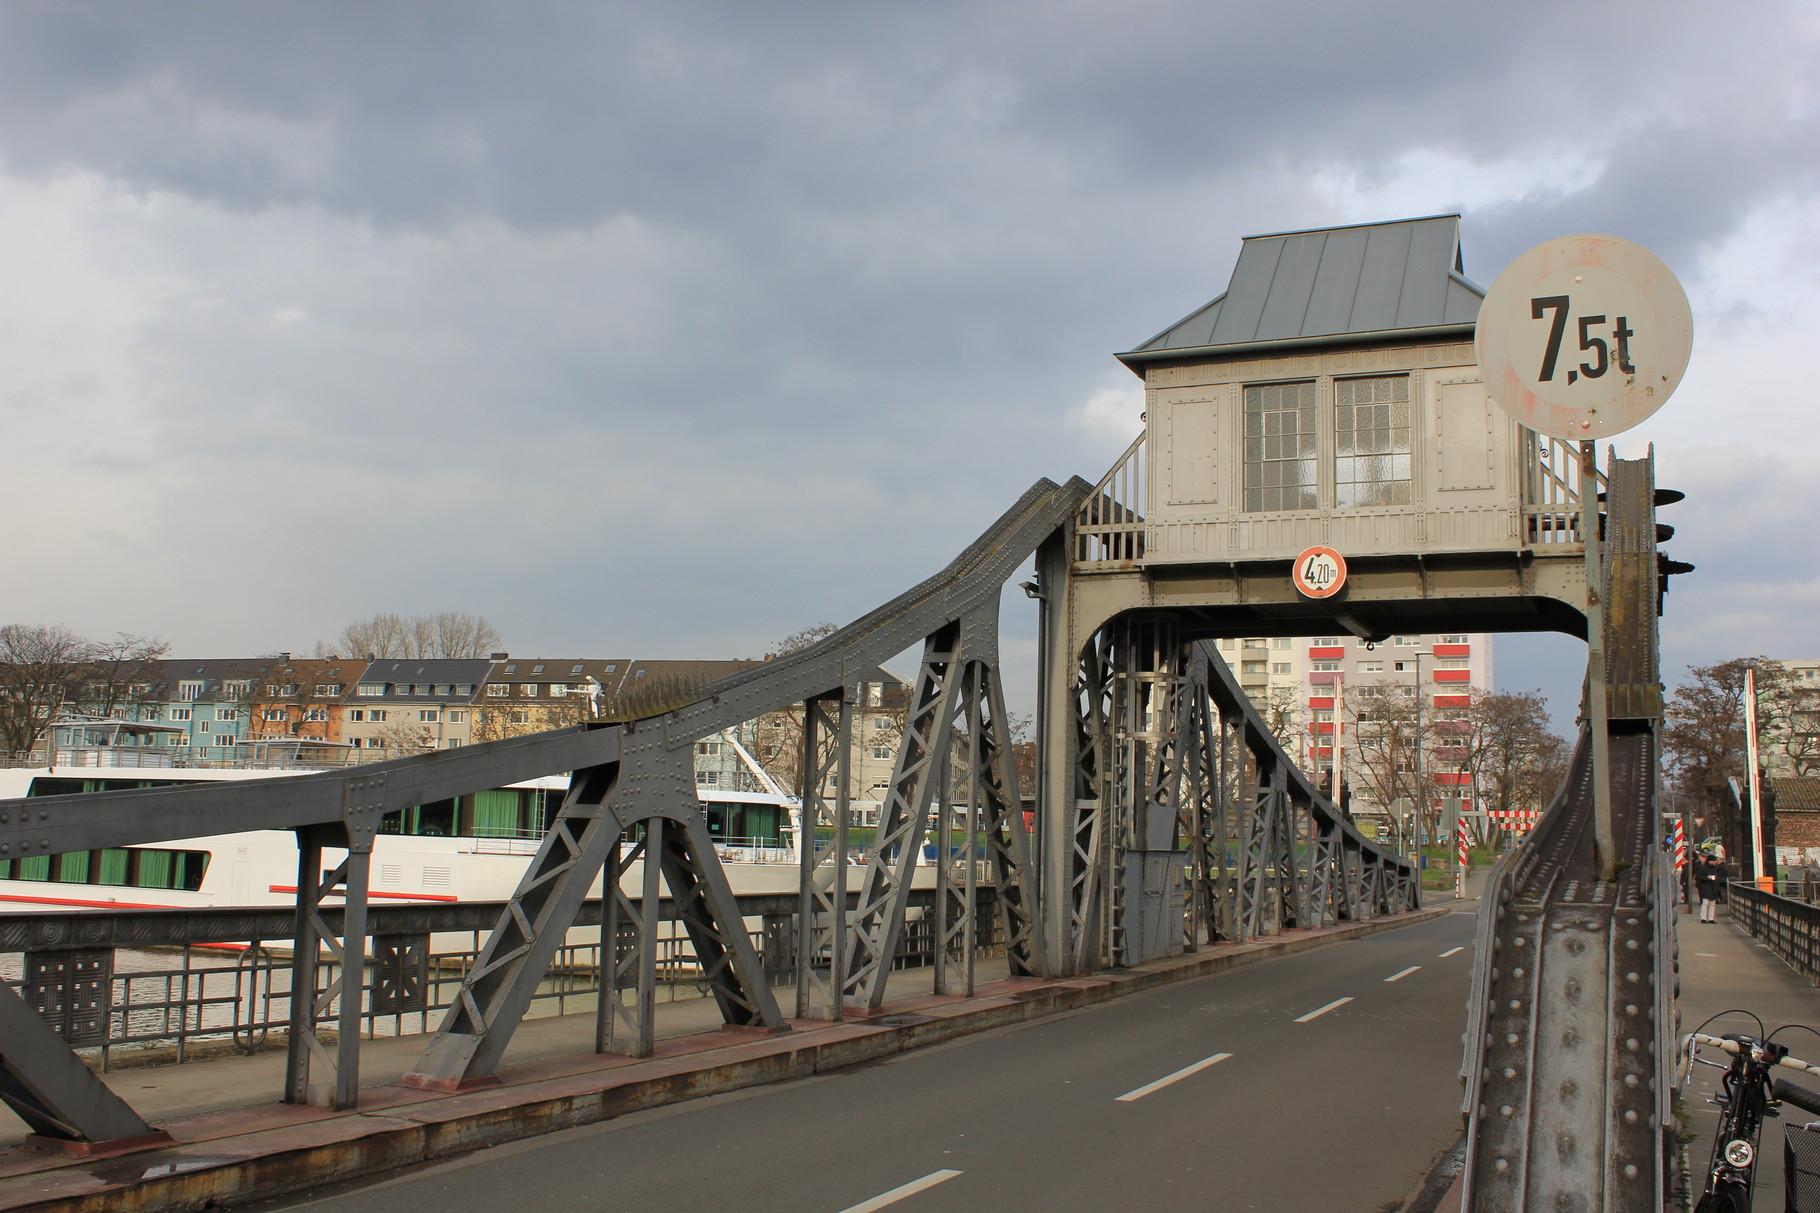 Drehbrücke in Jugendstil